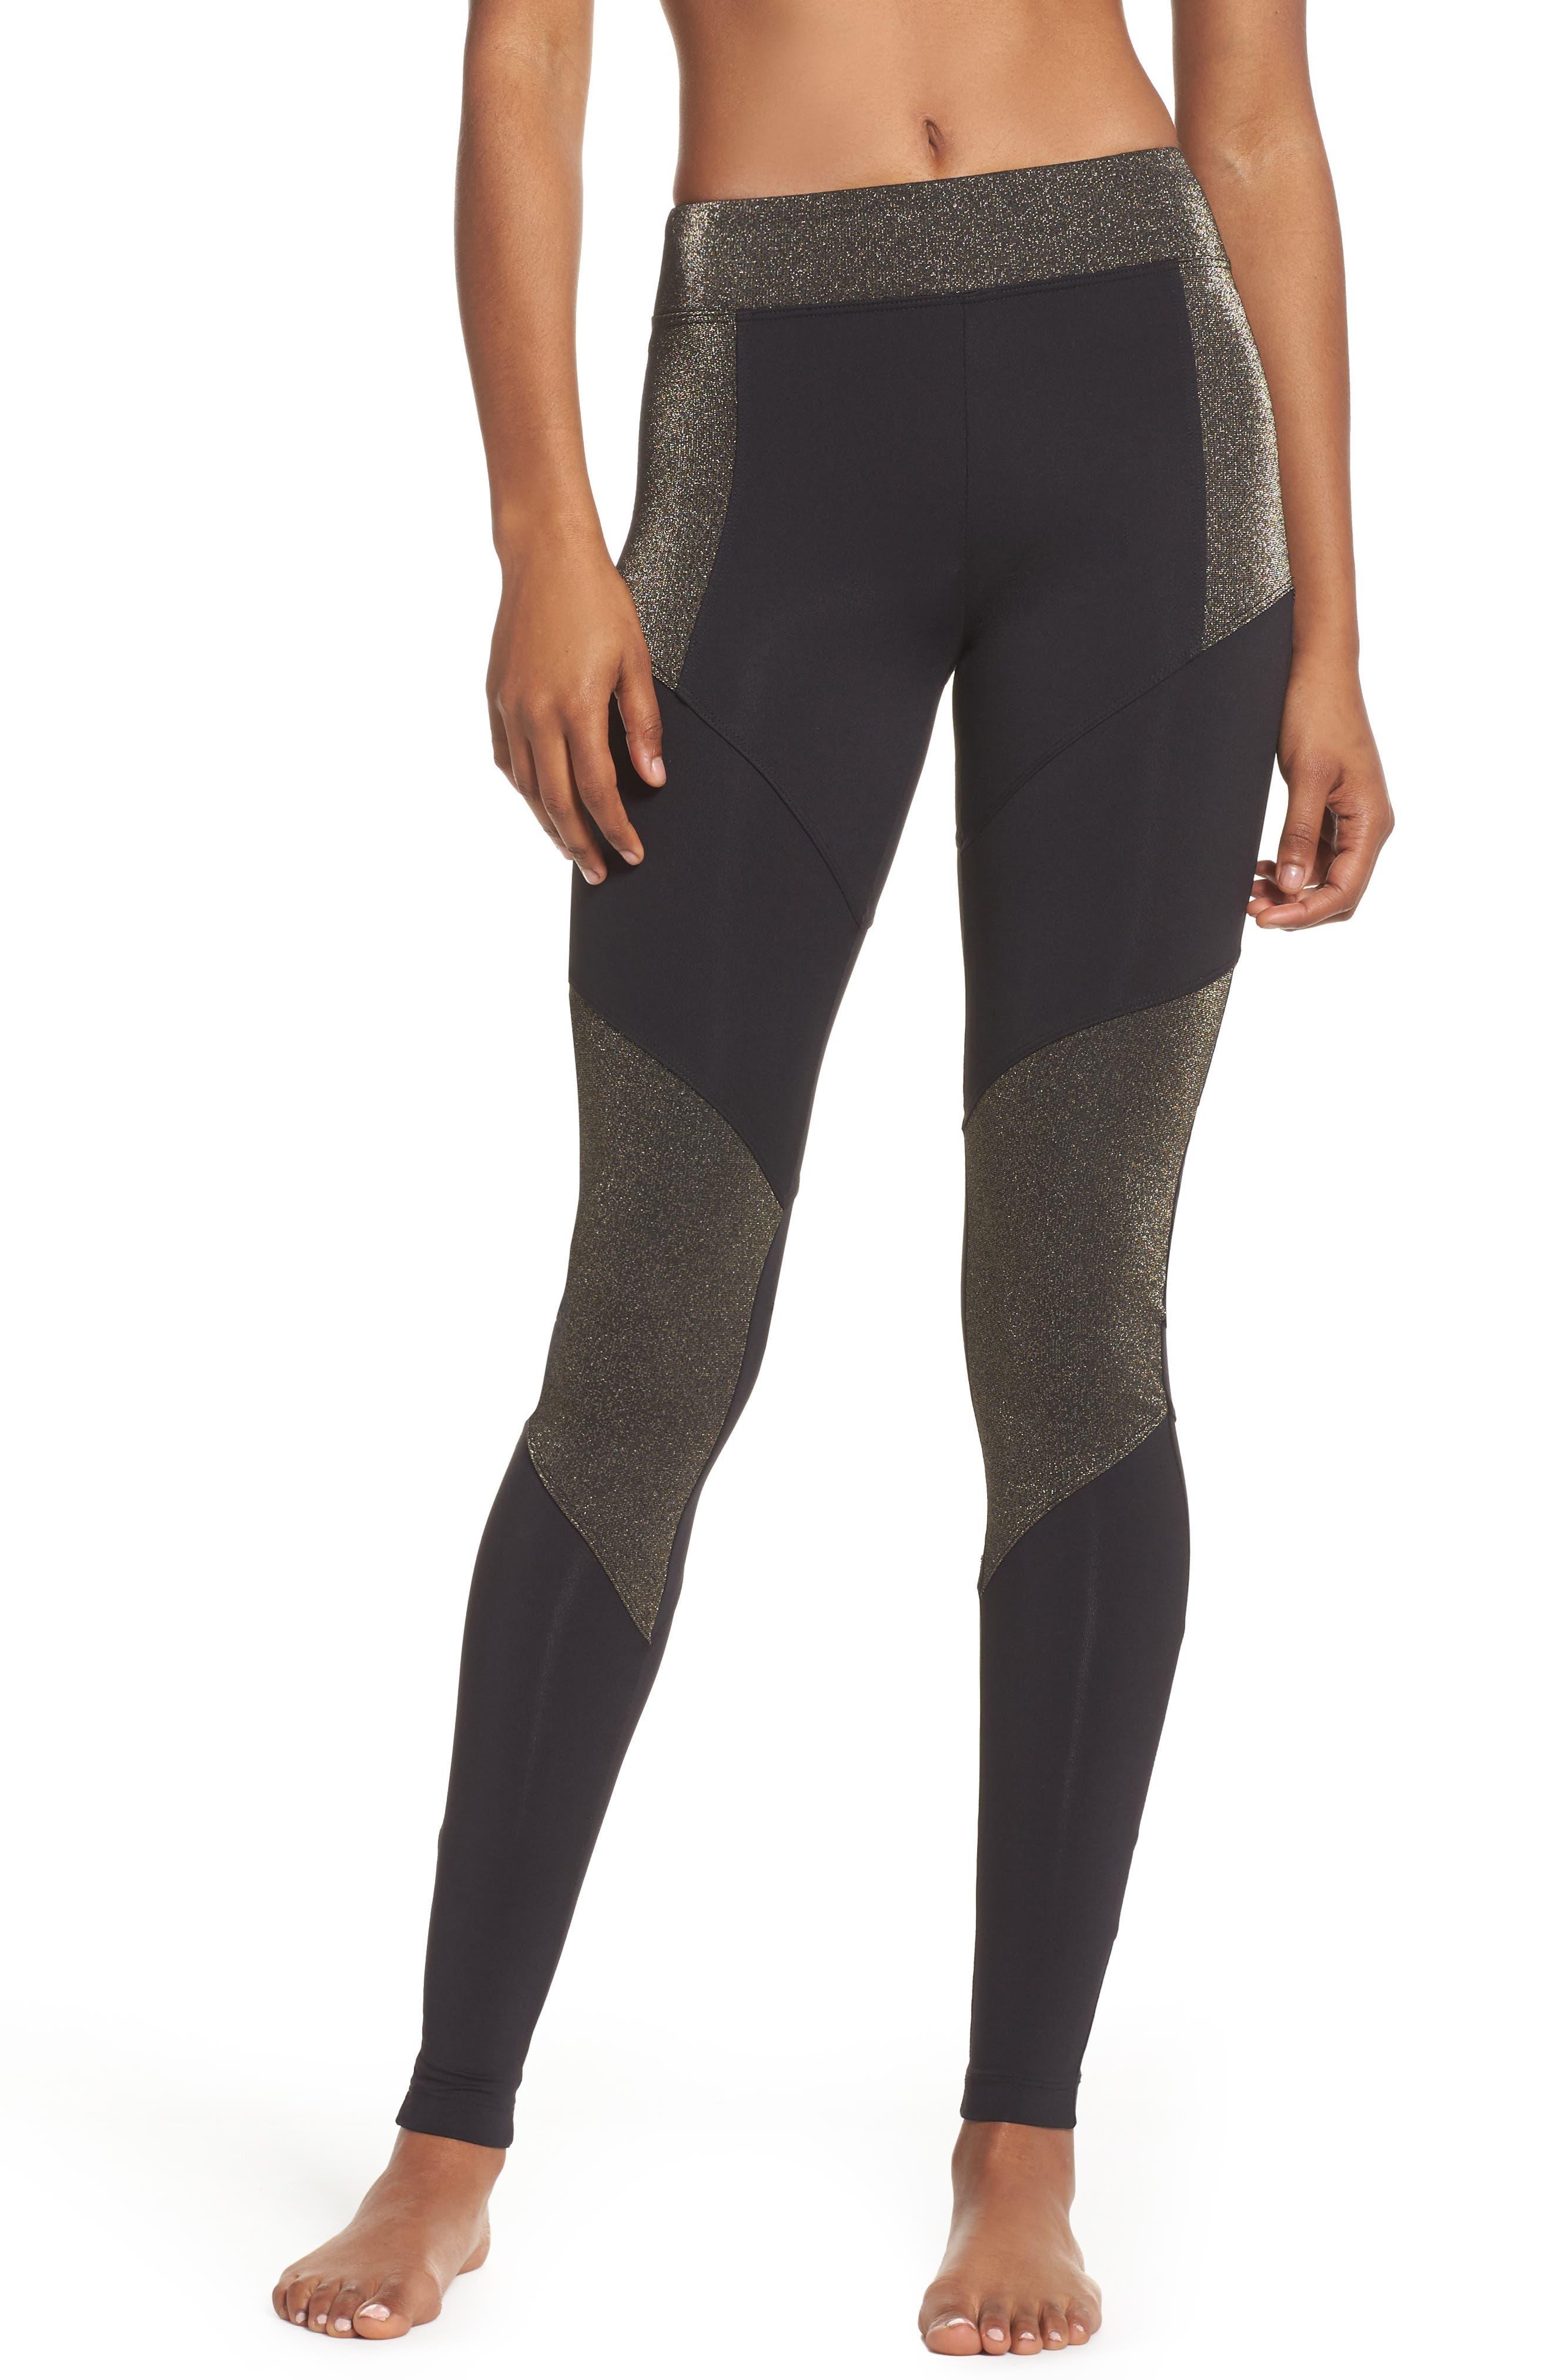 Versus Leggings,                         Main,                         color, Black/ Gleam